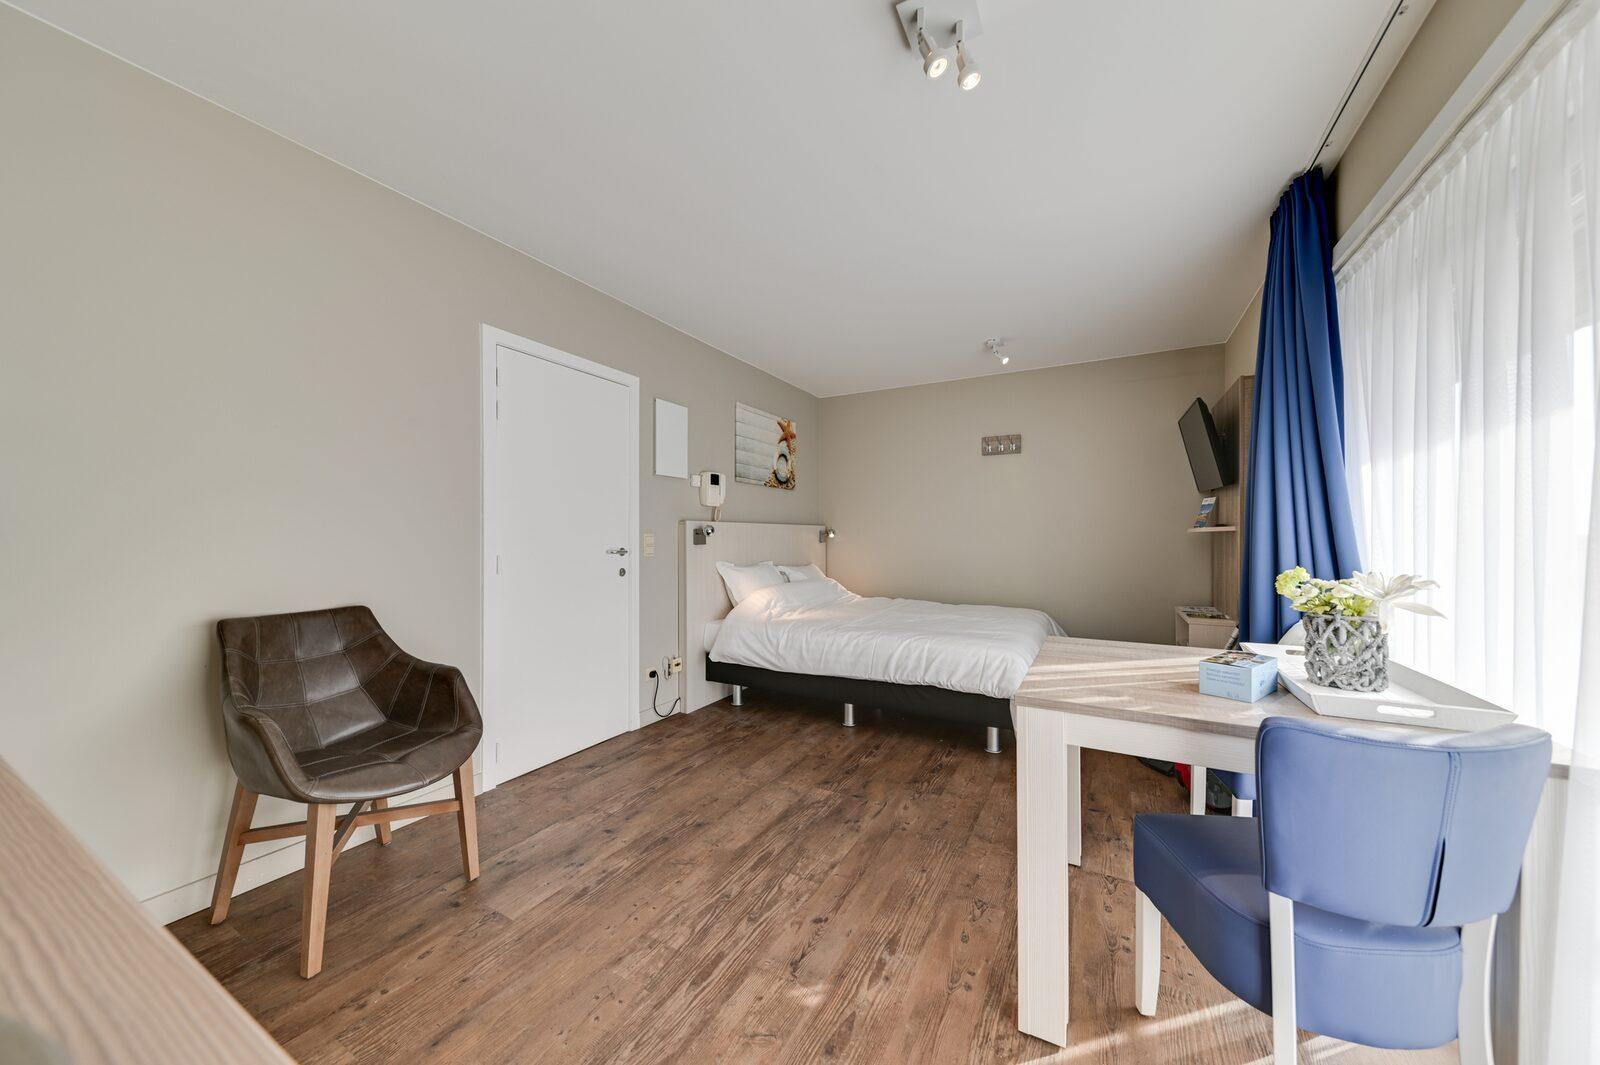 Holiday Suite voor 2 personen met slaapkamer